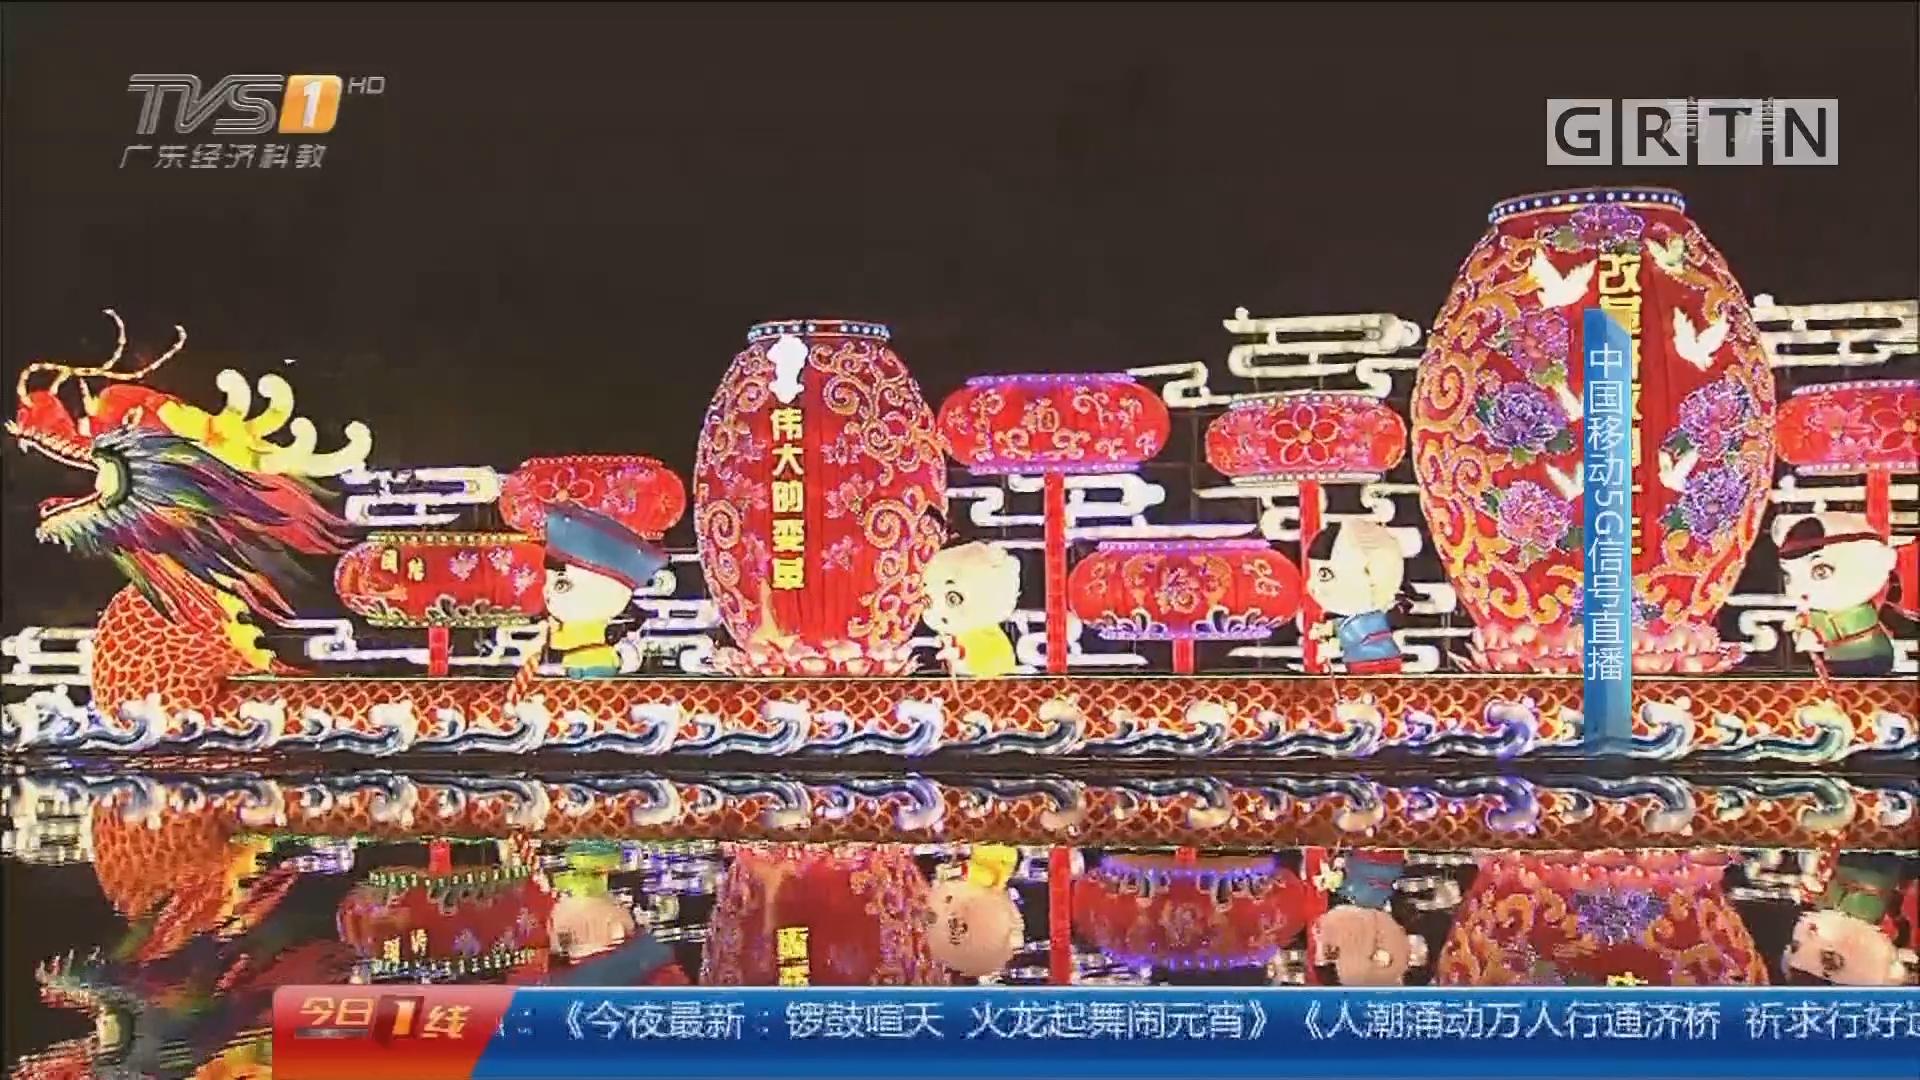 """2019越秀花灯 5G连线:""""大美中国 最美广州""""越秀花灯璀璨夺目"""